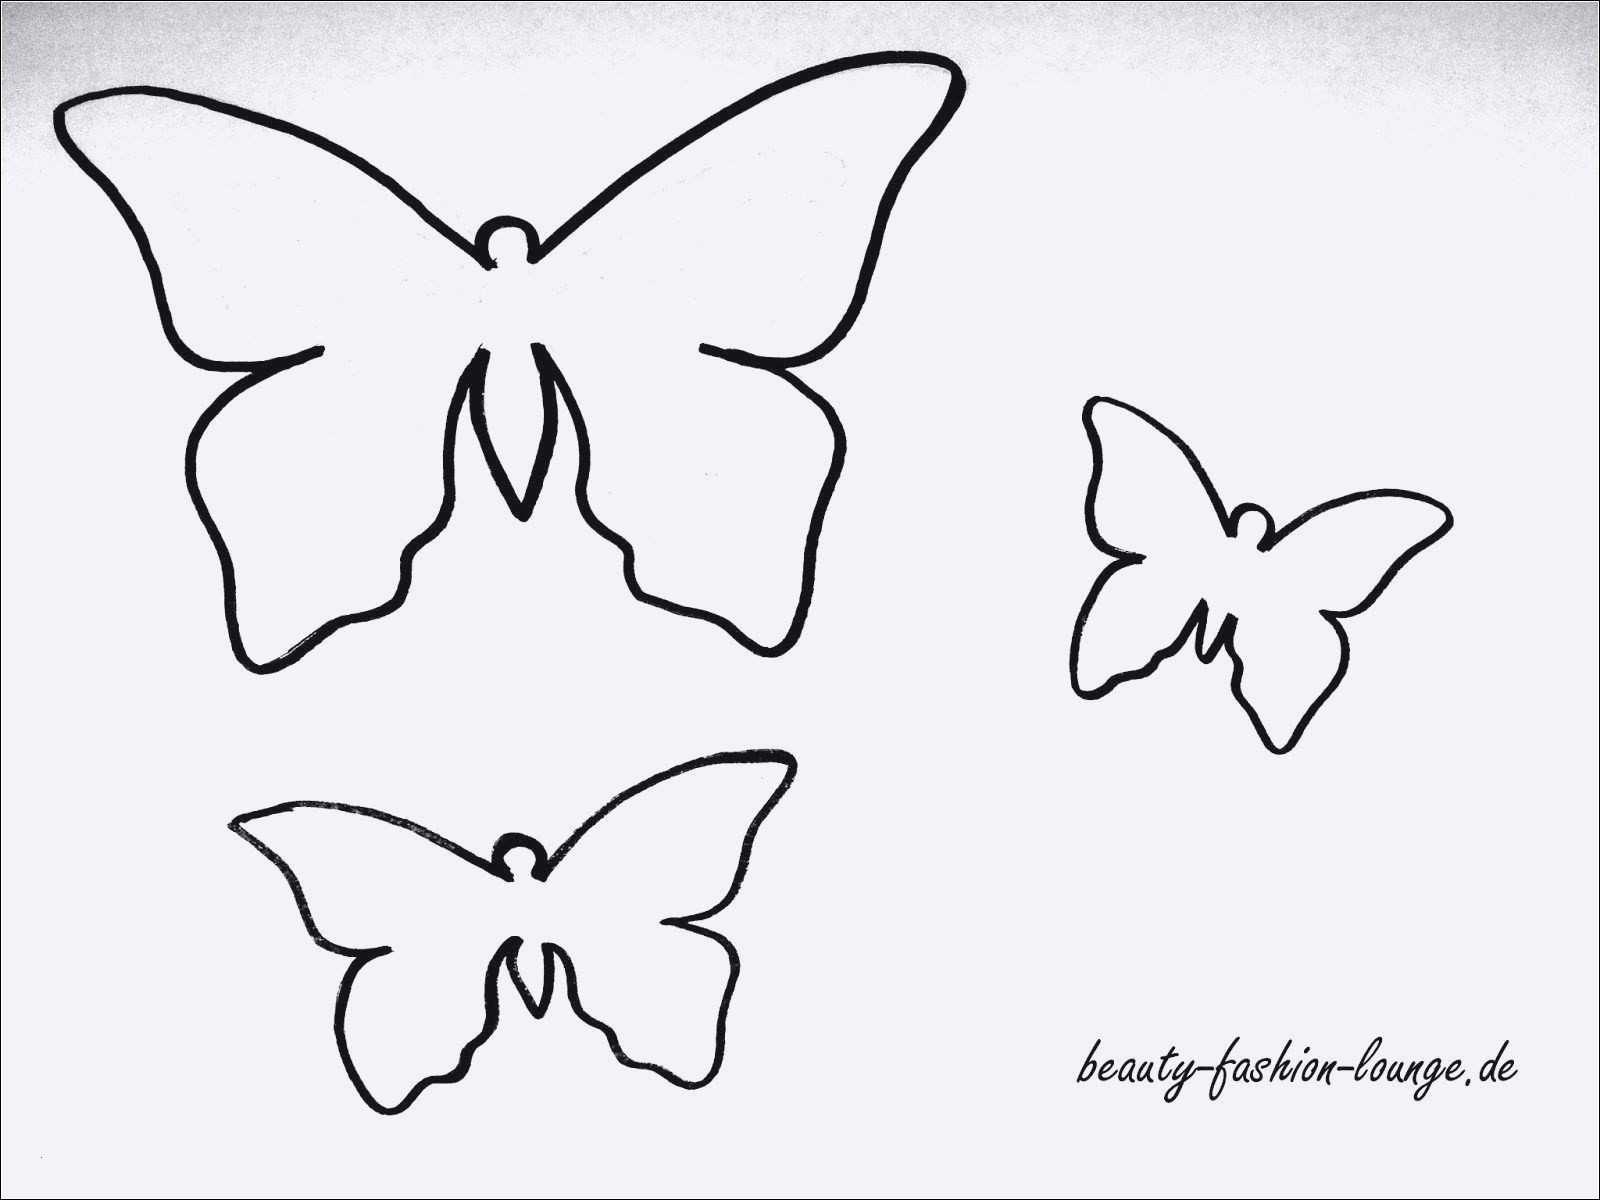 Schmetterling Mit Blume Zum Ausmalen Frisch Malvorlagen Schmetterlinge Blumen Bild – Ausmalbilder Ideen Stock